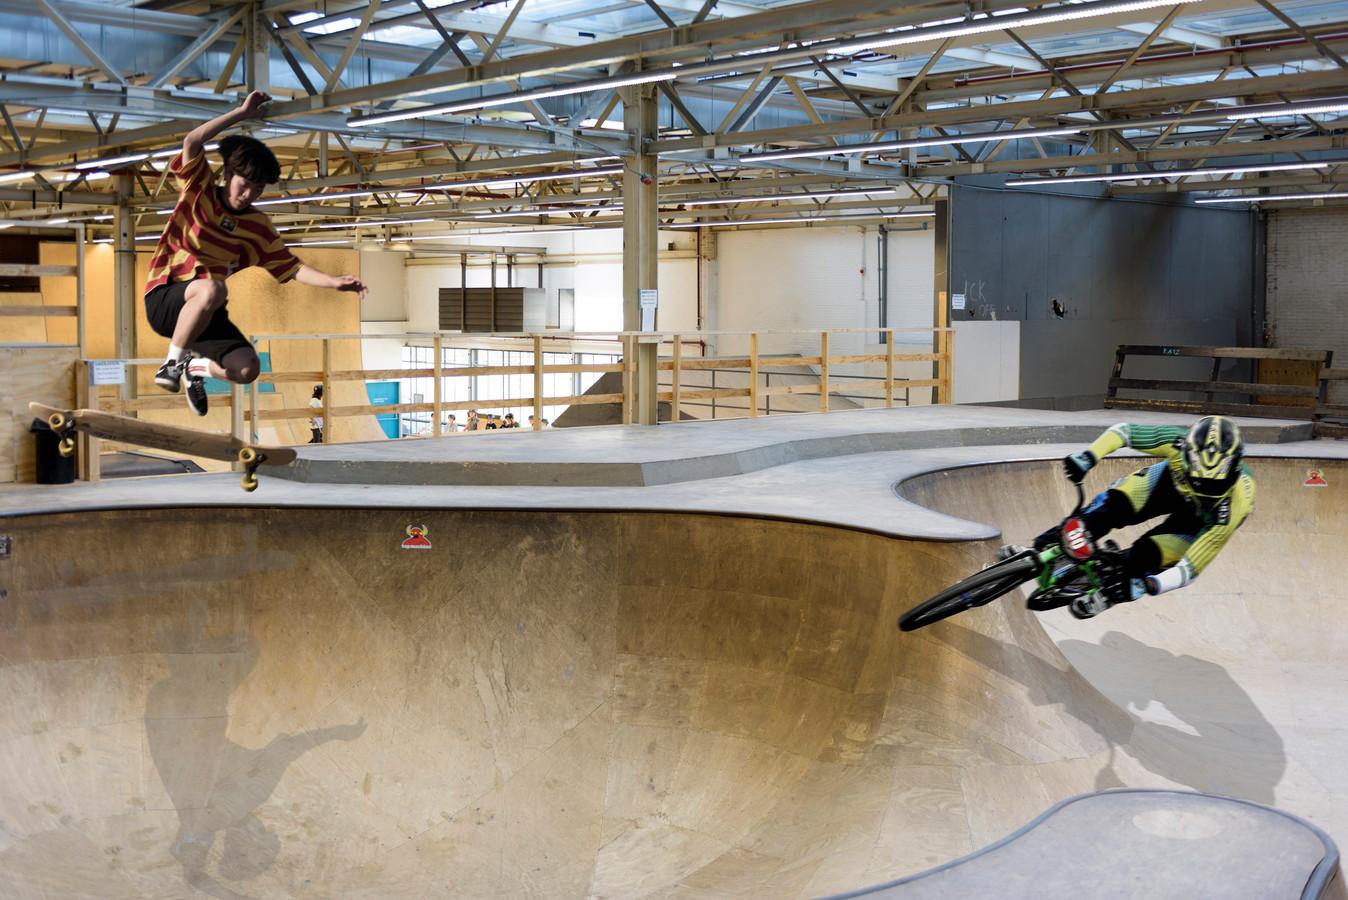 In 2018 is de muur tussen het BMX-park en de skatehal Area 51 in Eindhoven weggehaald. Nu ontwerpen alle gebruikers samen een nieuwe gezamenlijke baan.